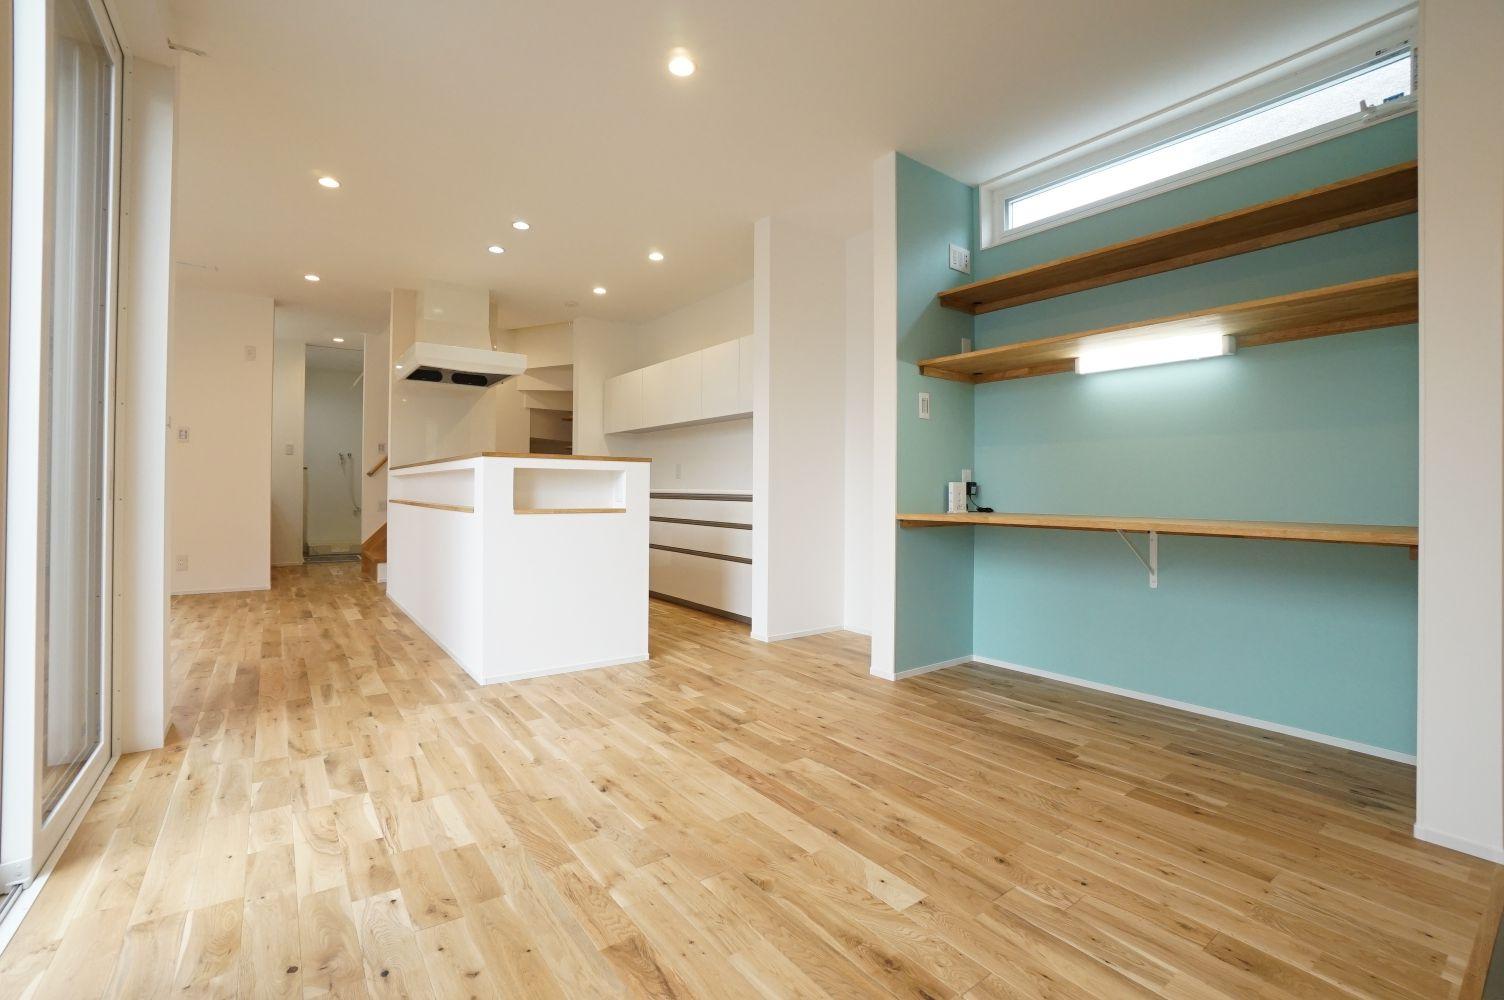 RIKYU (リキュー)【デザイン住宅、間取り、建築家】キッチンの横に設けたスタディコーナー。ママに見守られながら、兄弟が並んで宿題をする。水色のアクセントクロスが空間にやさしさを添えている